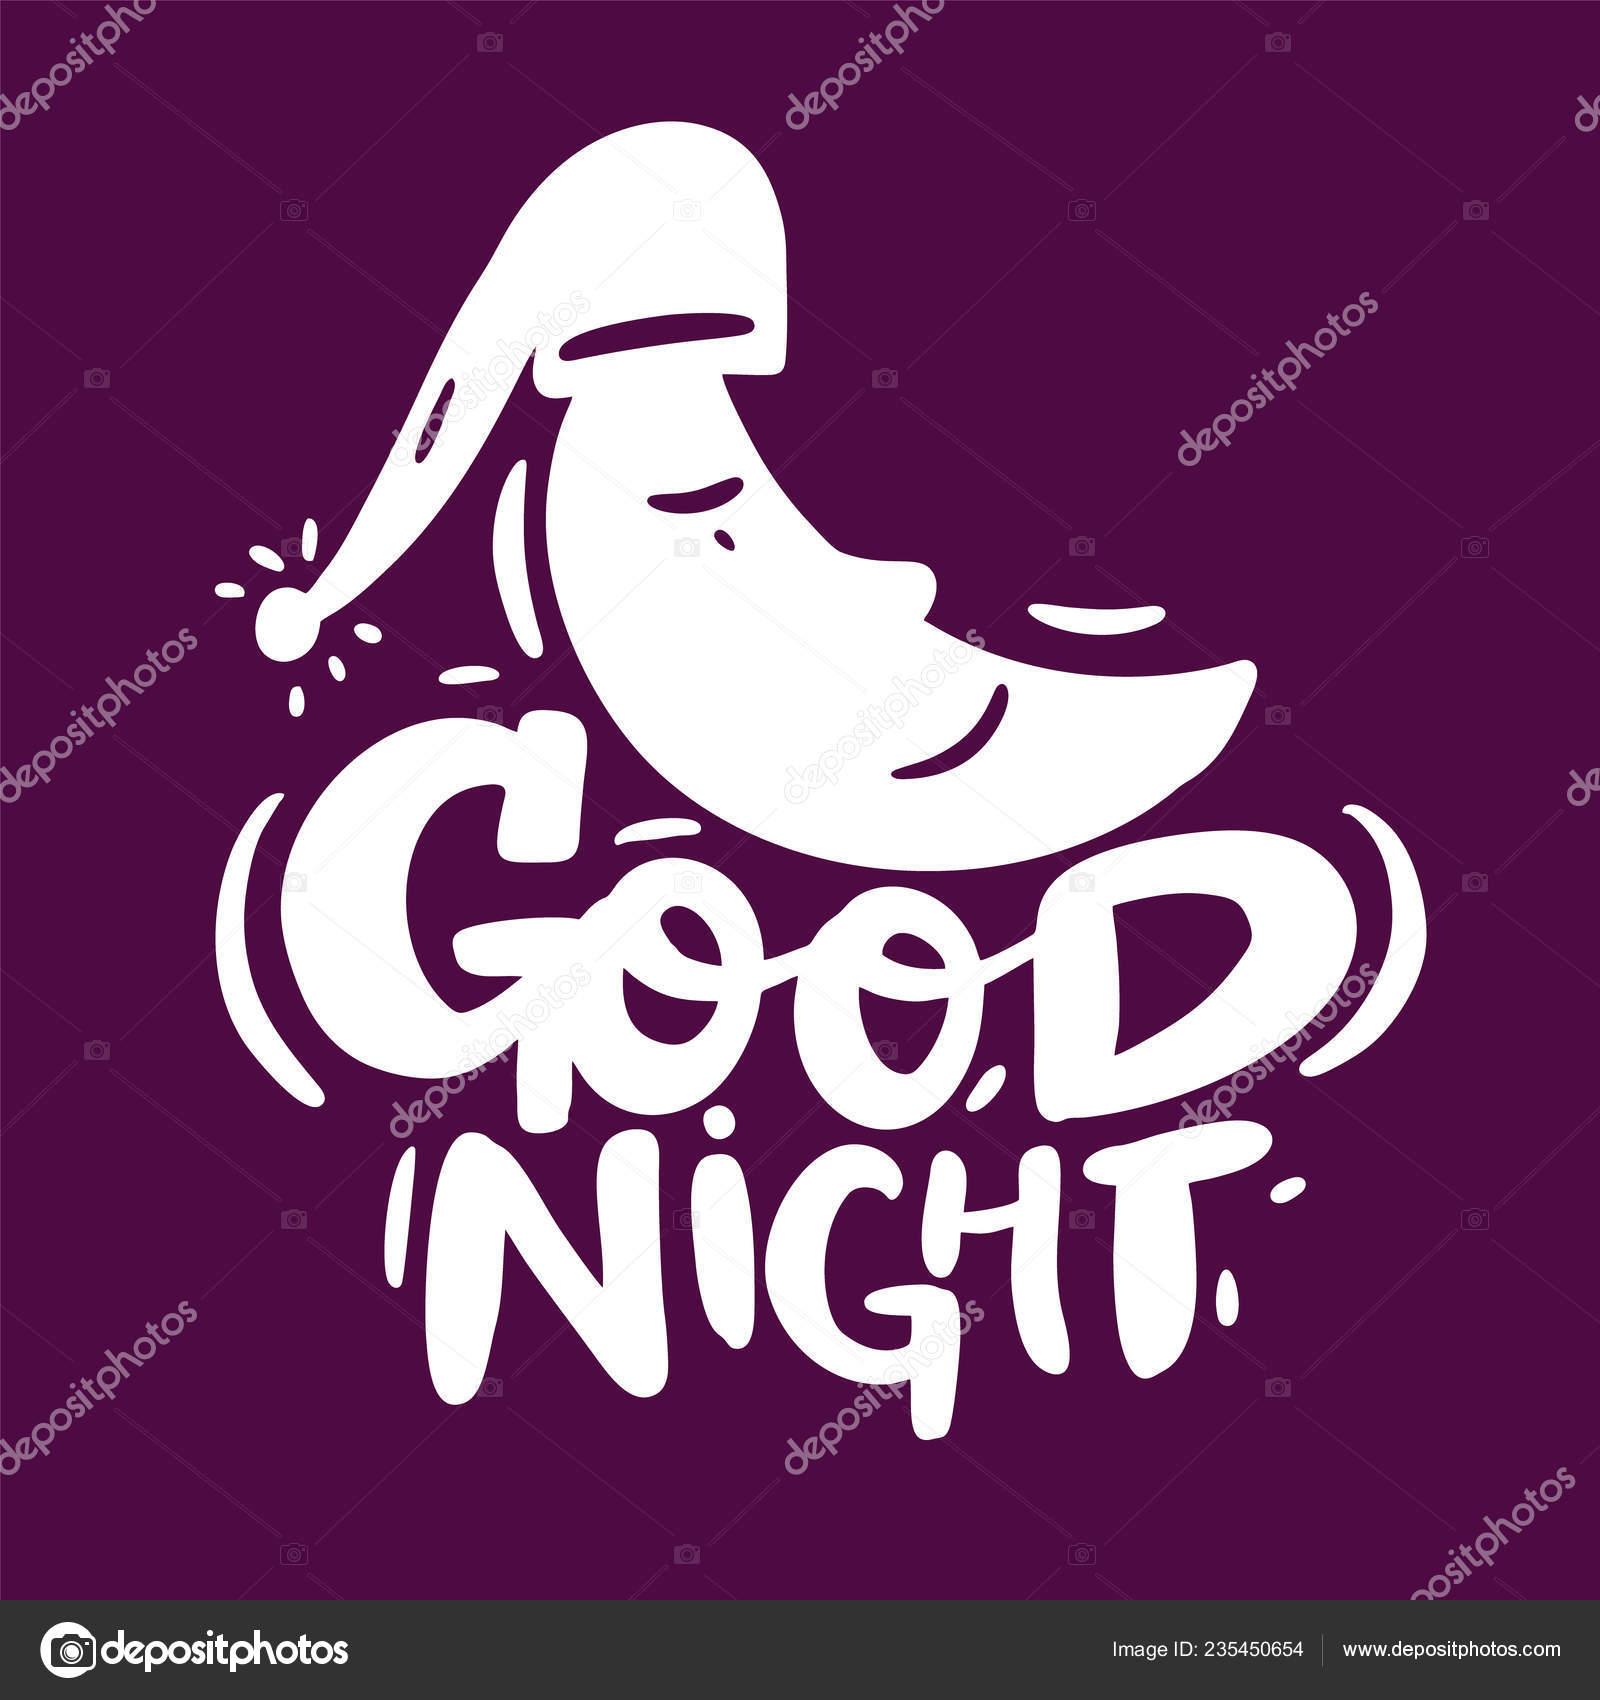 Buenas Noches Vector Letras Texto Motivacional Para Logotipo